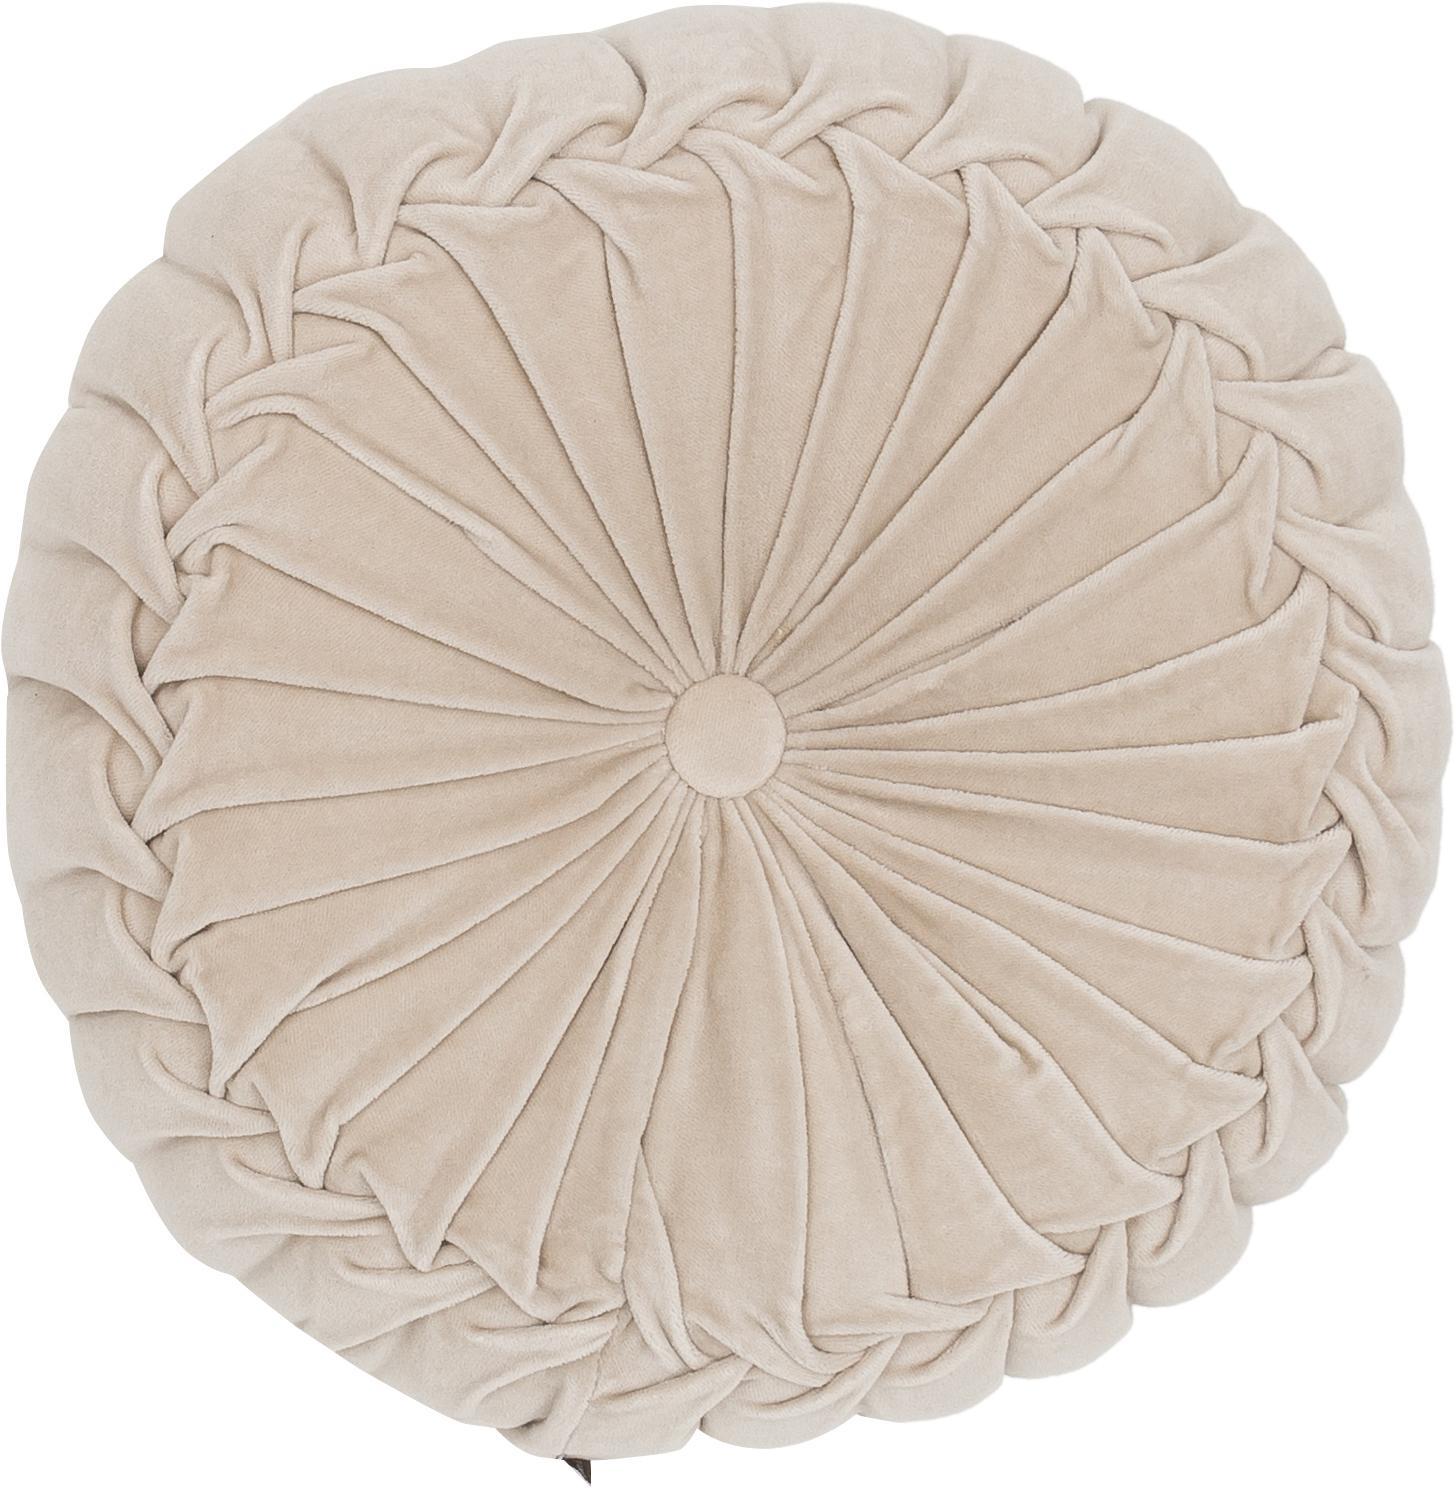 Cojín redondo de terciopelo Kanan, con relleno, Funda: terciopelo 100%algodón, Crema, Ø 40 x Al 10 cm